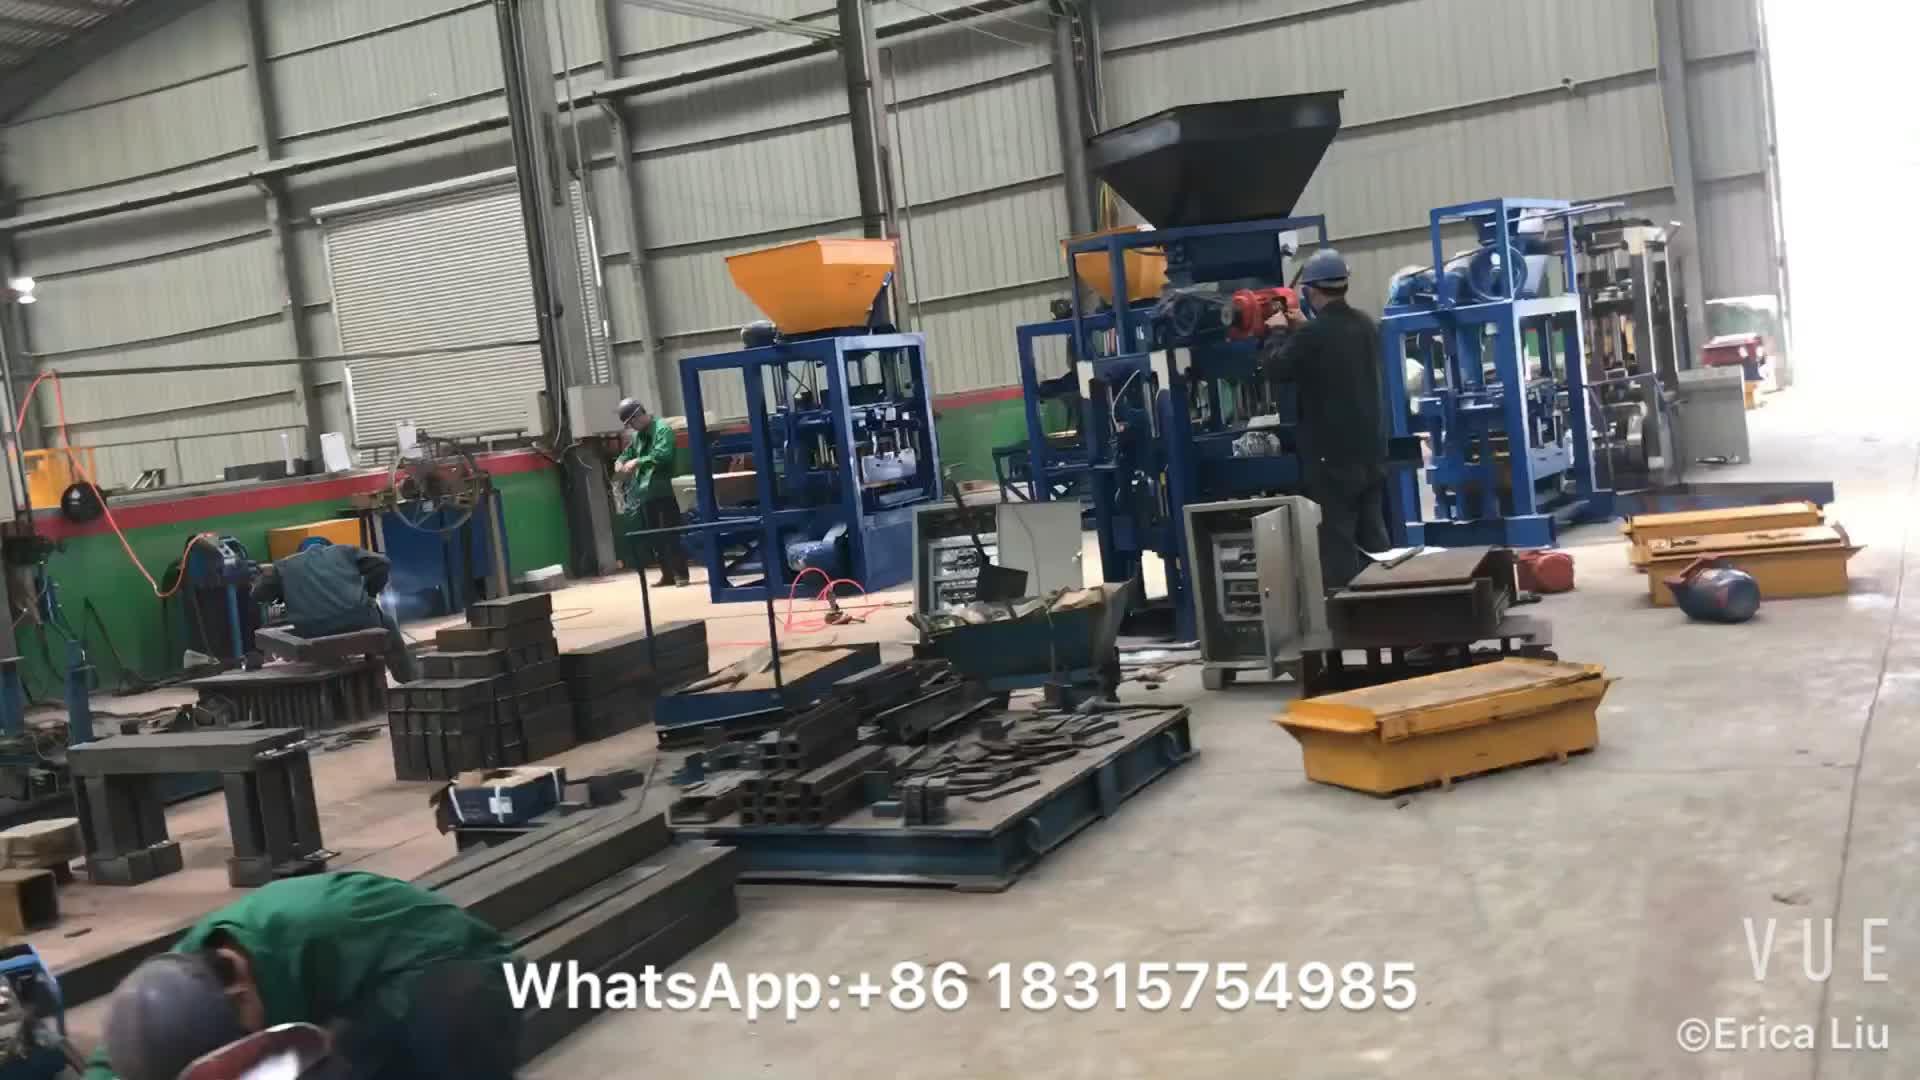 Qt40-1 파키스탄 가격 콘크리트 블록 만들기 기계 포장 재료 벽돌 기계